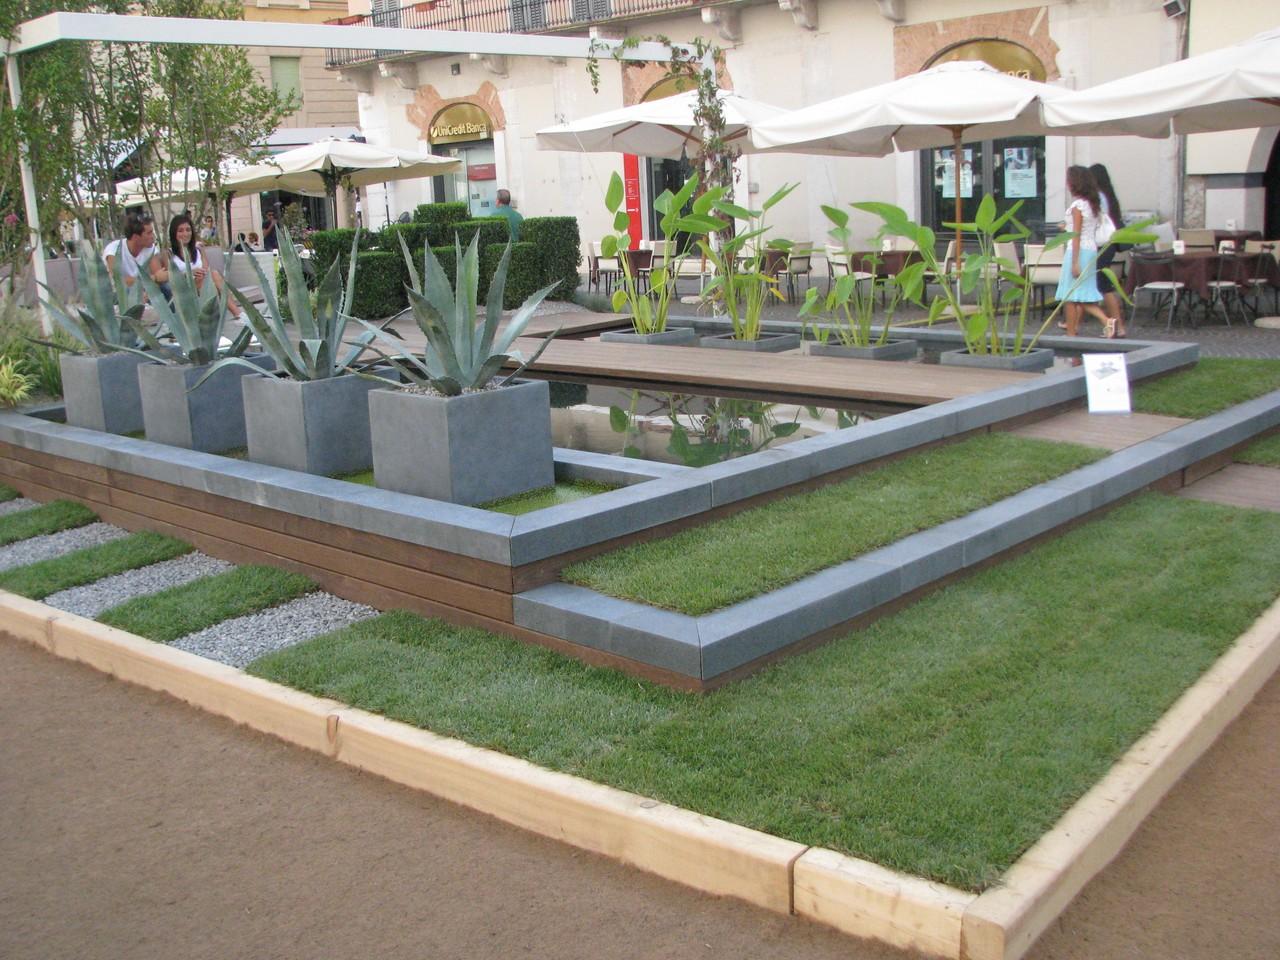 Giardino d 39 acqua con biopiscina per casa a schiera brescia i nostri lavori grechi giardini - Giardino d acqua ...